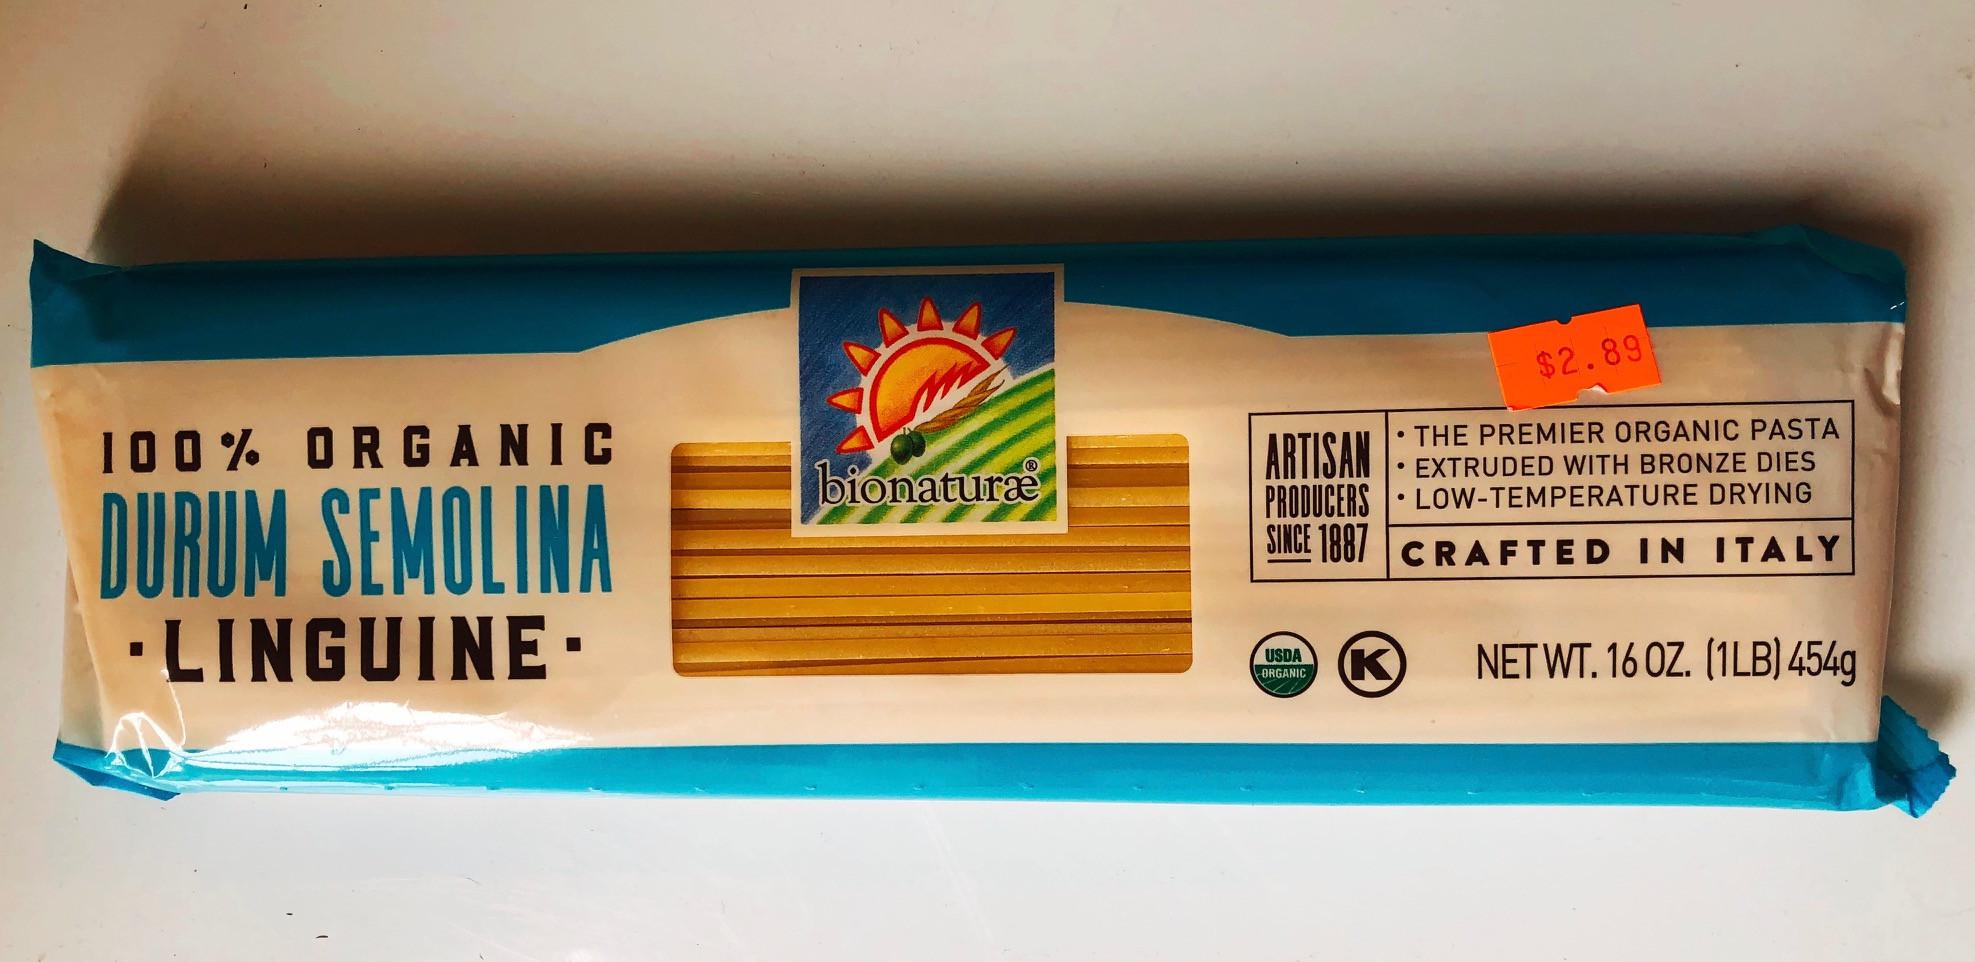 Bionaturae - Organic Linguine